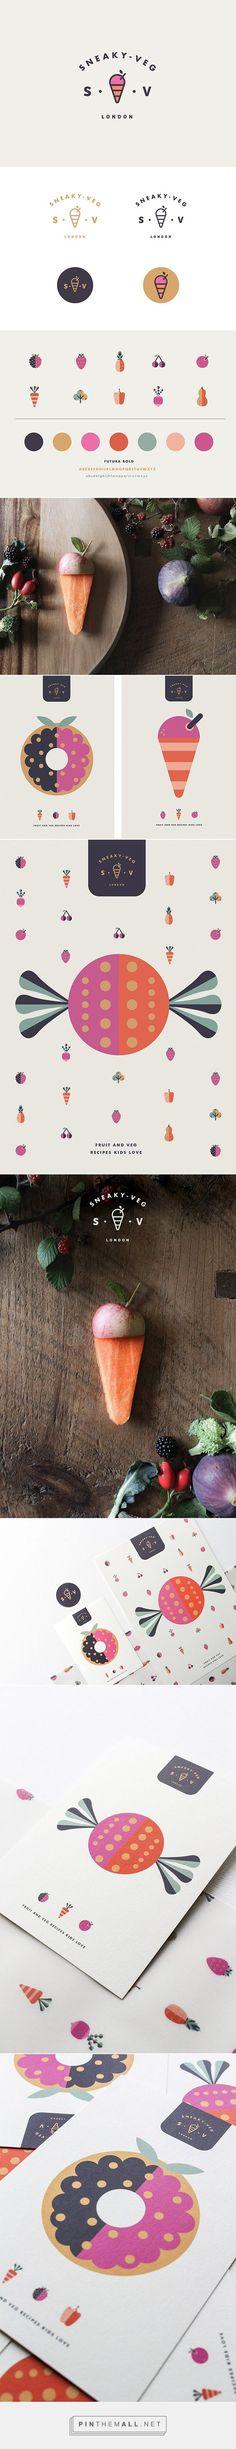 Sneaky Veg Brand Identity on Behance. | branding | design: